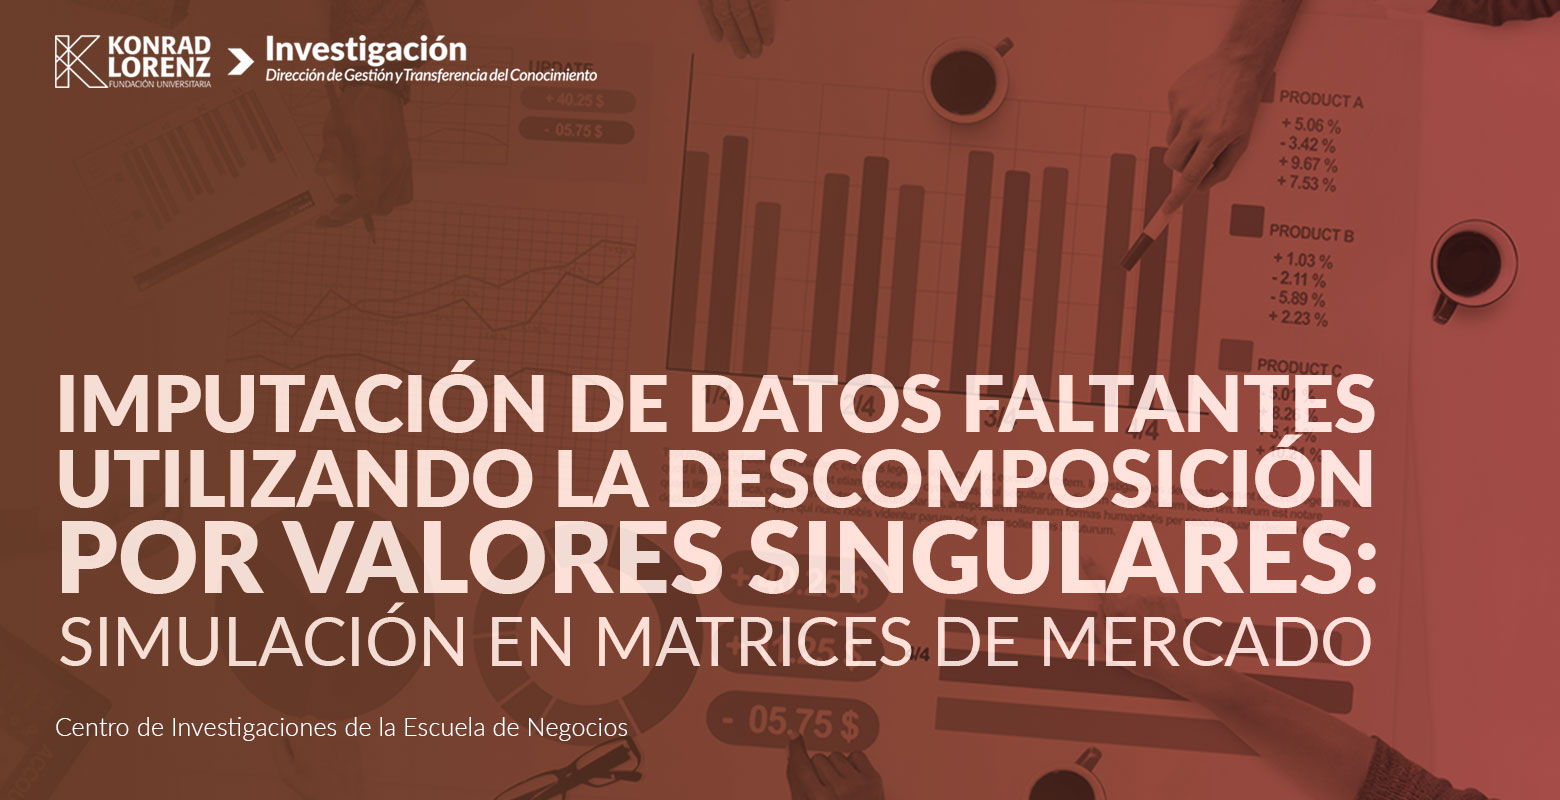 Imputación de datos faltantes utilizando la descomposición por valores singulares: simulación en matrices de mercado